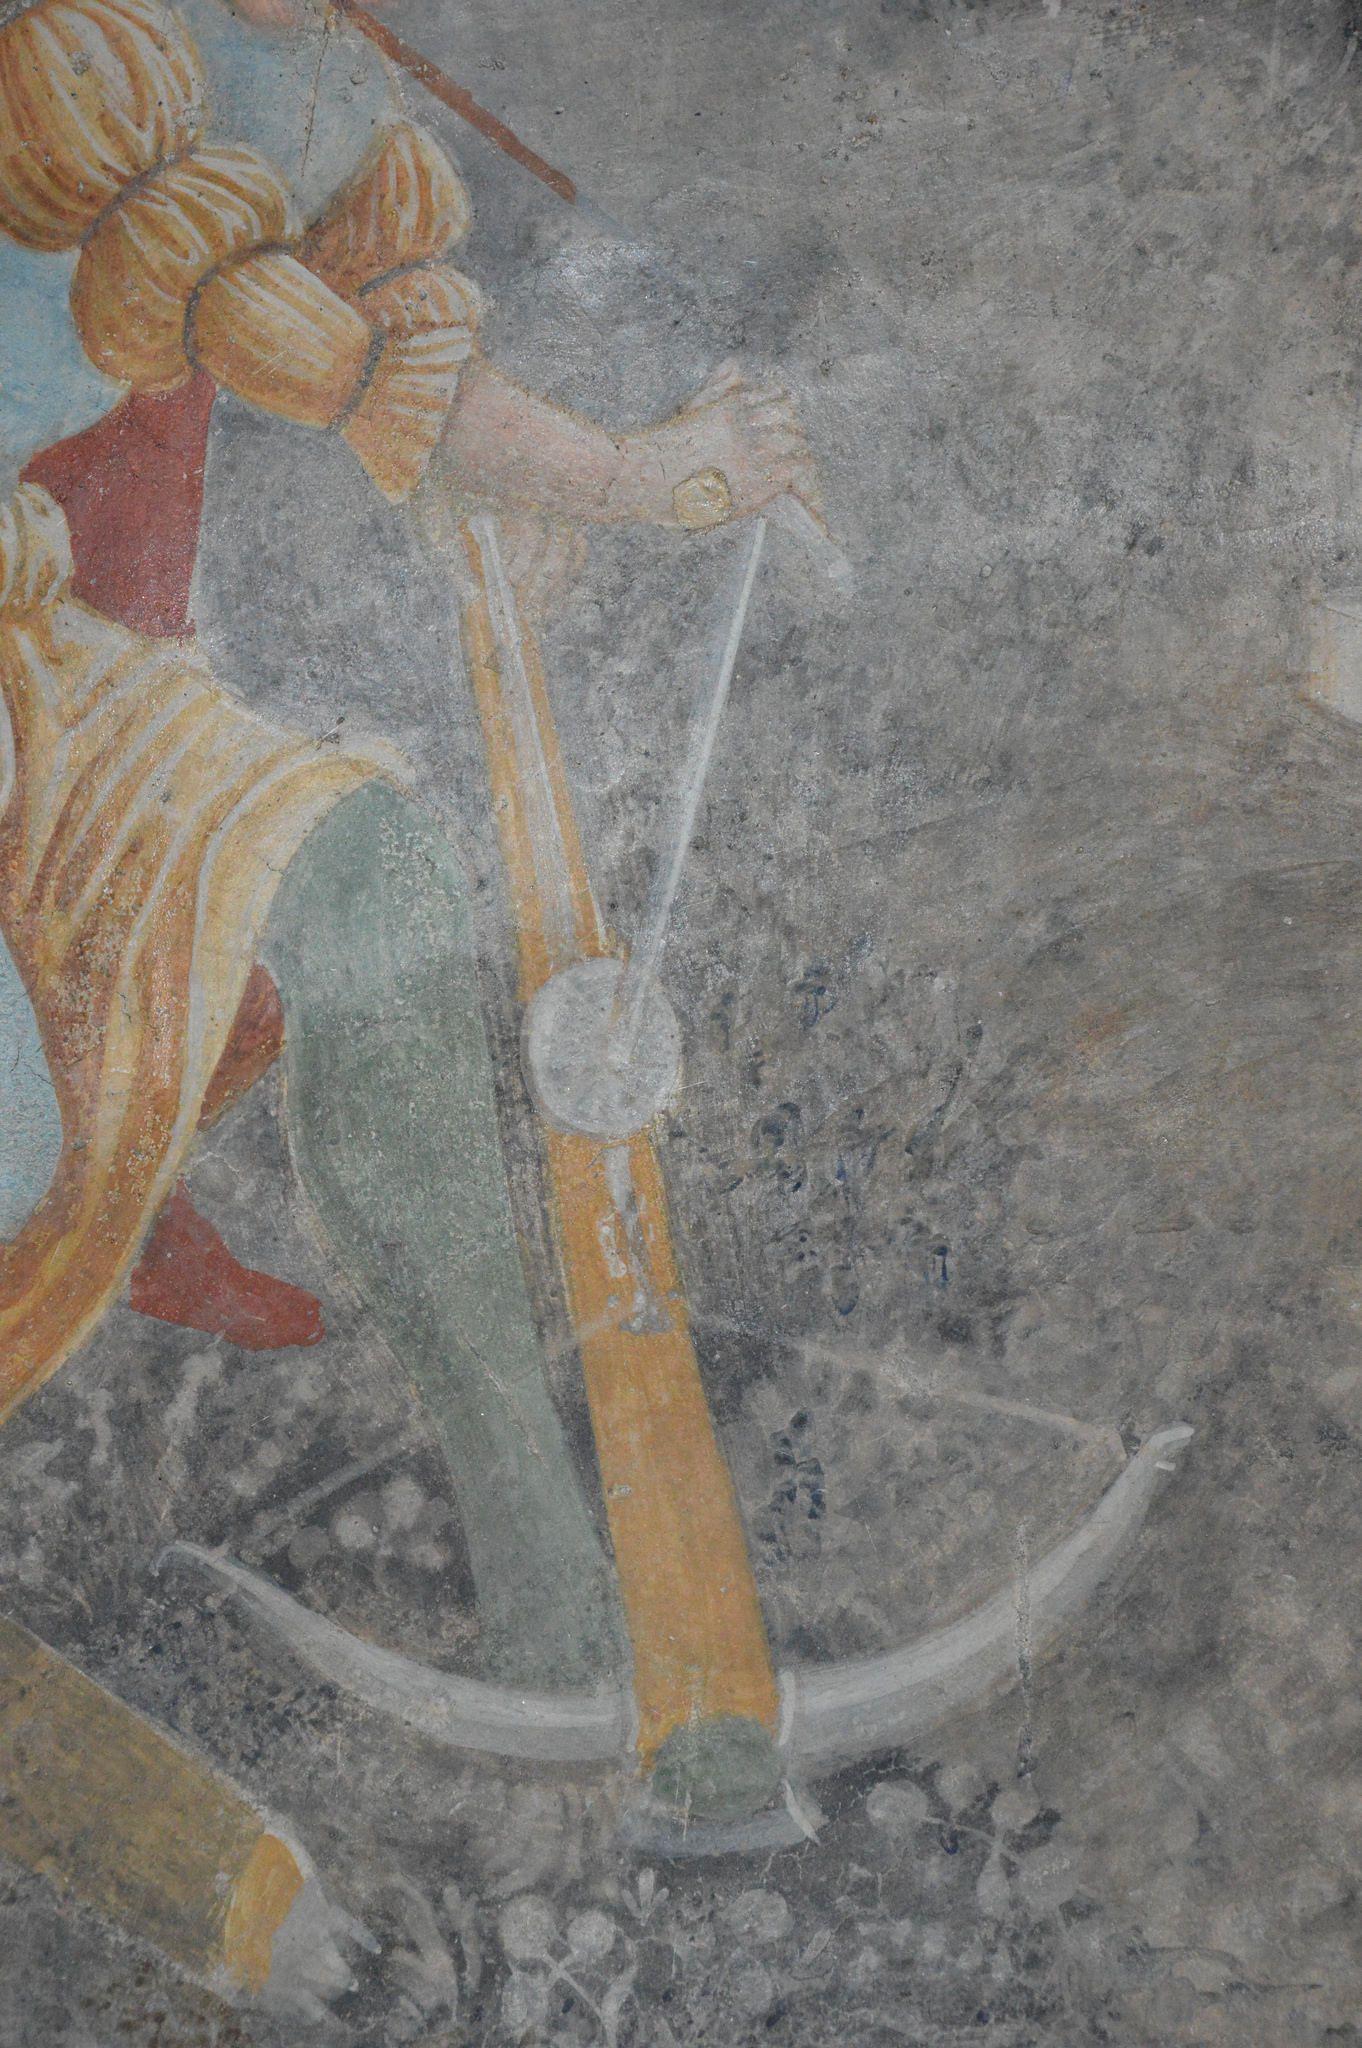 https://flic.kr/p/yLdUmP | DSC_0313 | CAPPELLA DEI SANTI ROCCO, FABIANO E SEBASTIANO affrescata da Giovan Pietro da Cemmo nel 1504 c/o Pieve di S. Lorenzo Berzo Inferiore, Valcamonica (BS); foto ANDREA CARLONI - Rimini (2015)